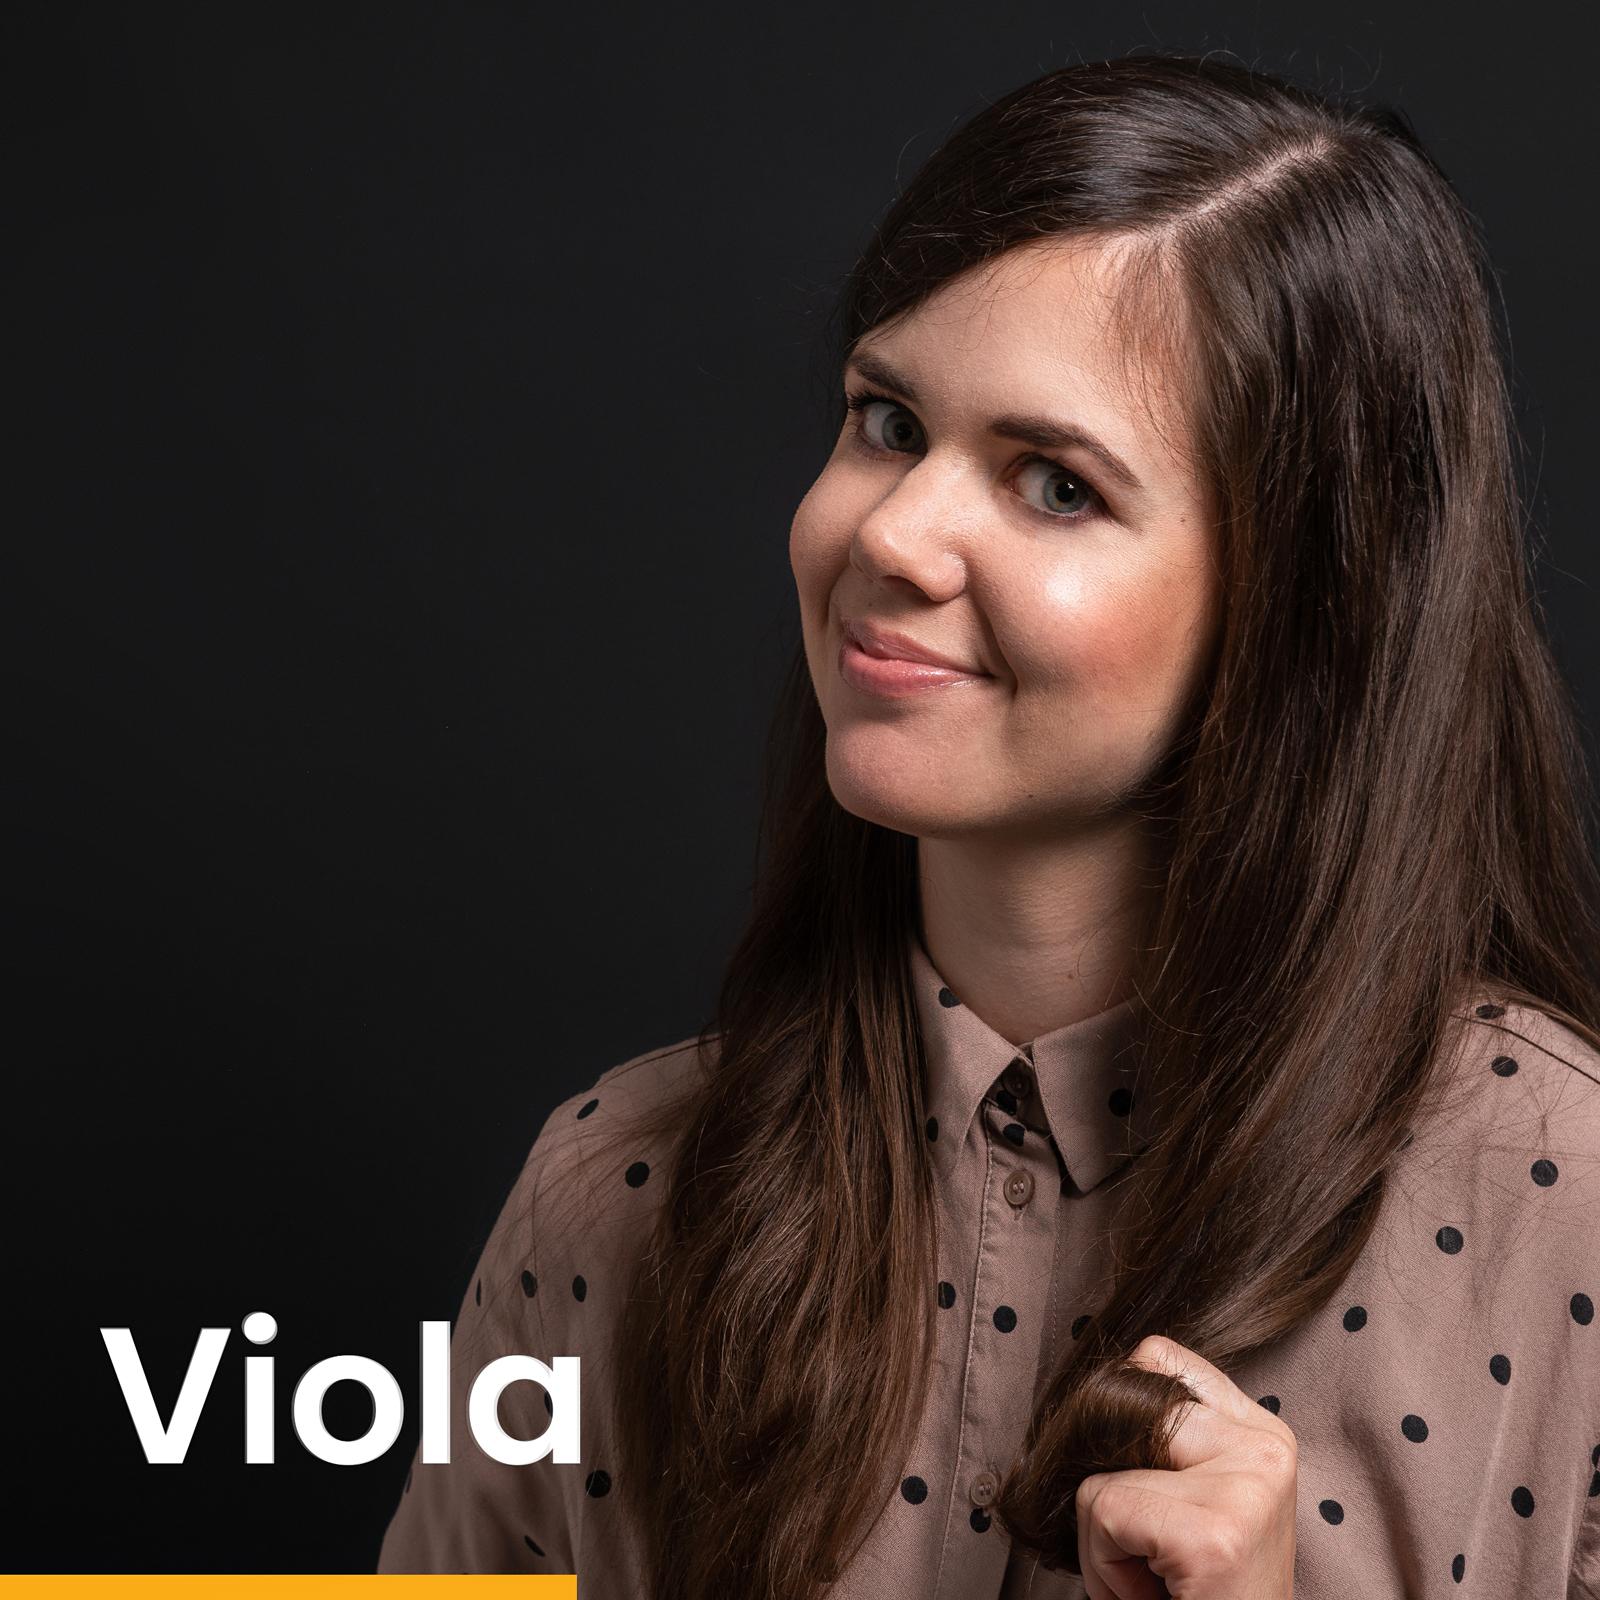 MOIN ✌ Das ist Viola ❤️